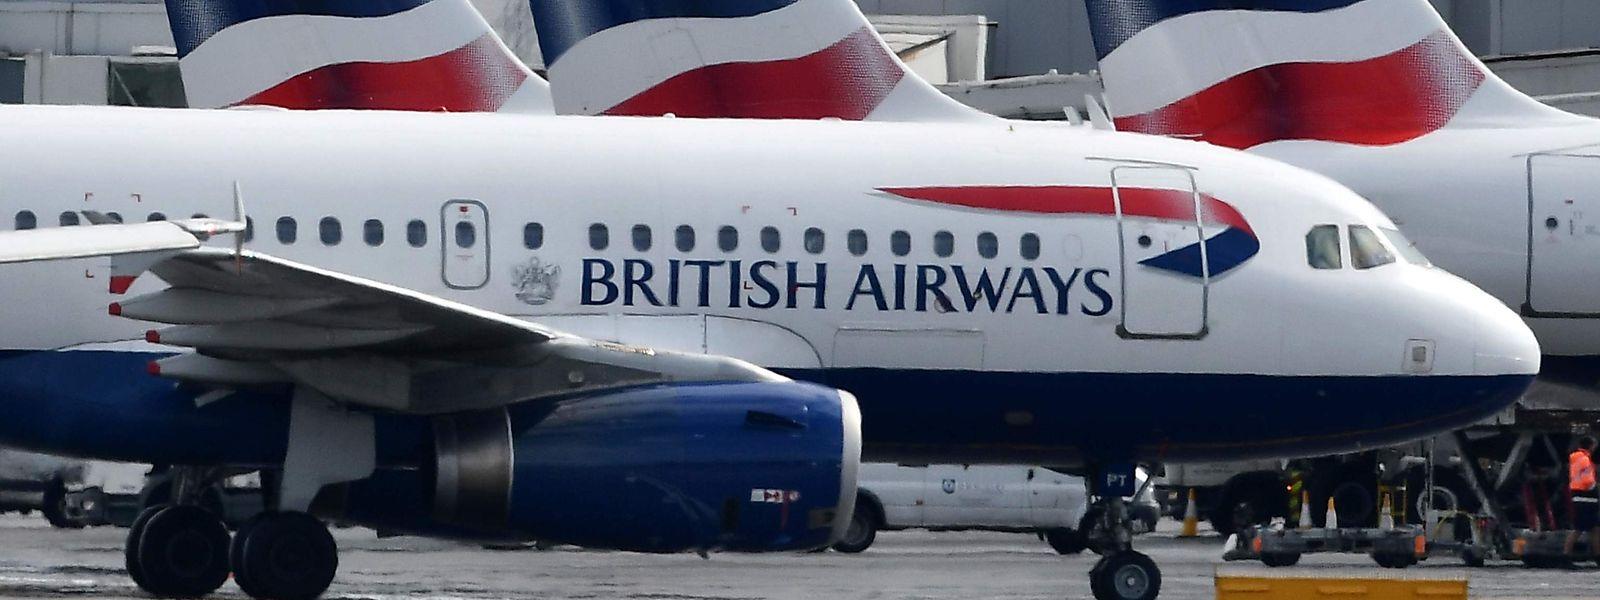 Les pilotes grévistes revendiquaient pour de meilleurs salaires.